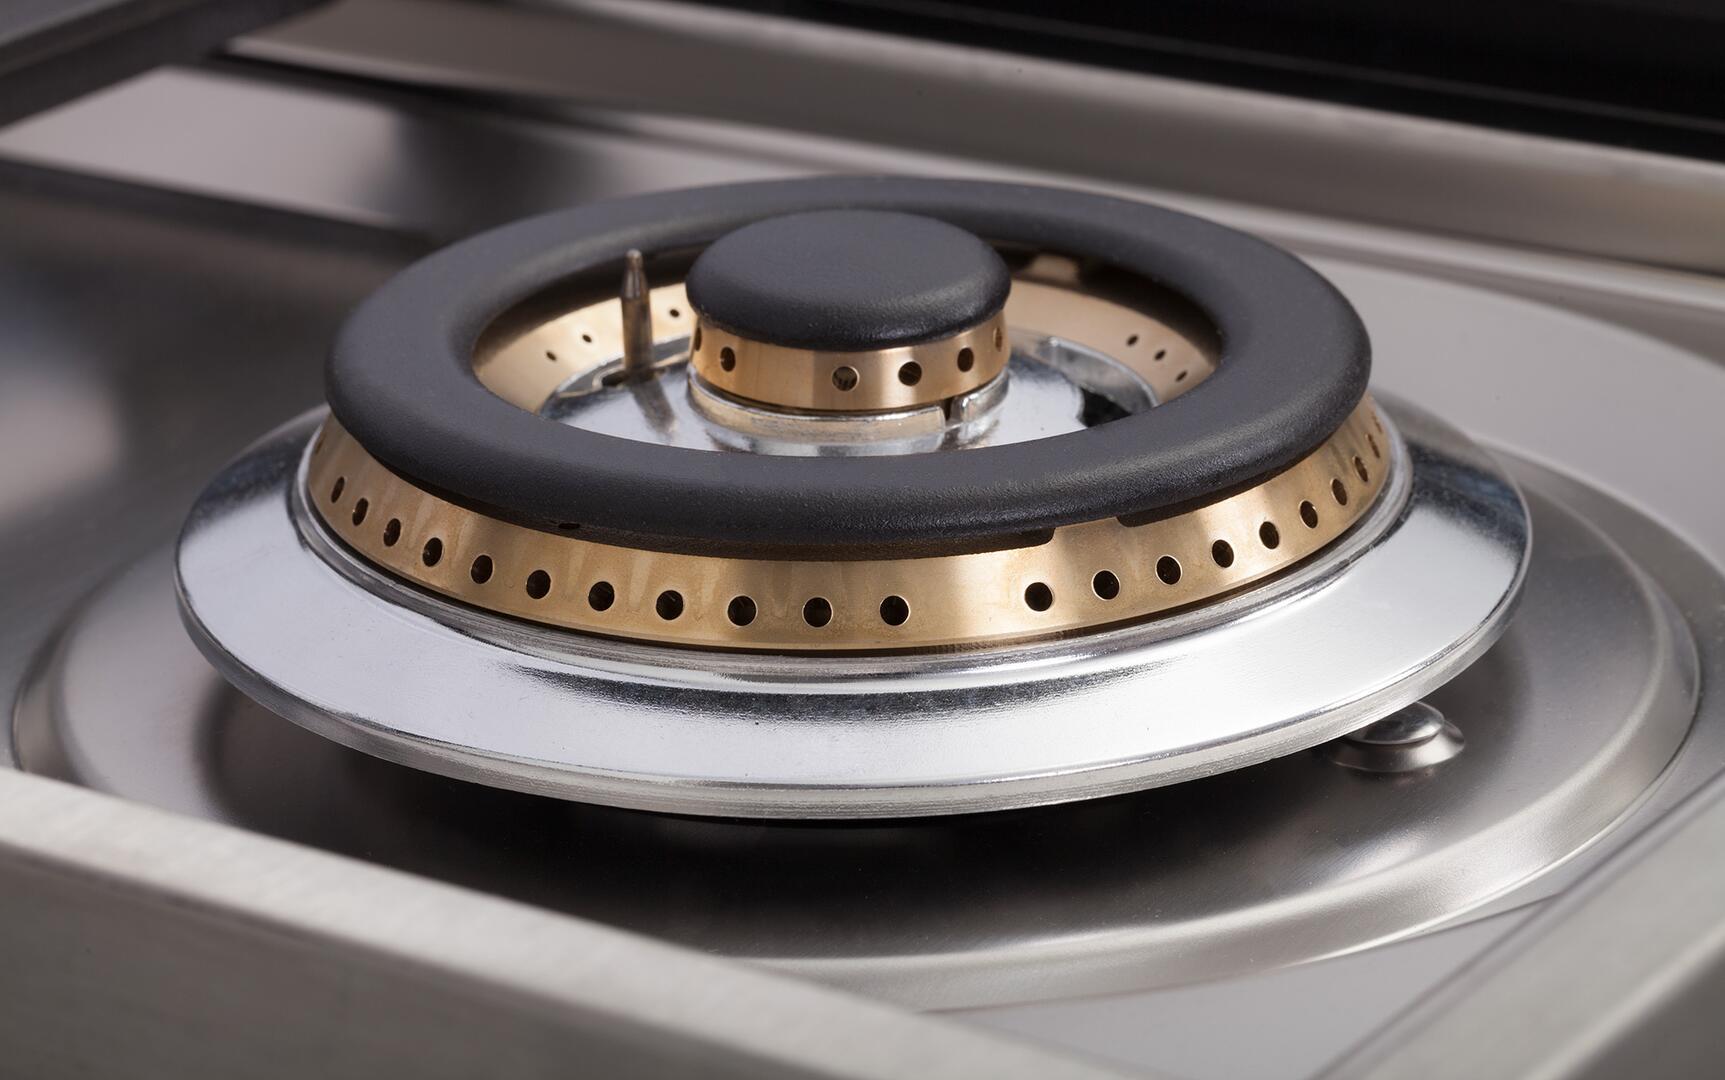 Ilve Nostalgie UPN120FDMPAY Freestanding Dual Fuel Range Bisque, Triple Ring Brass Burner